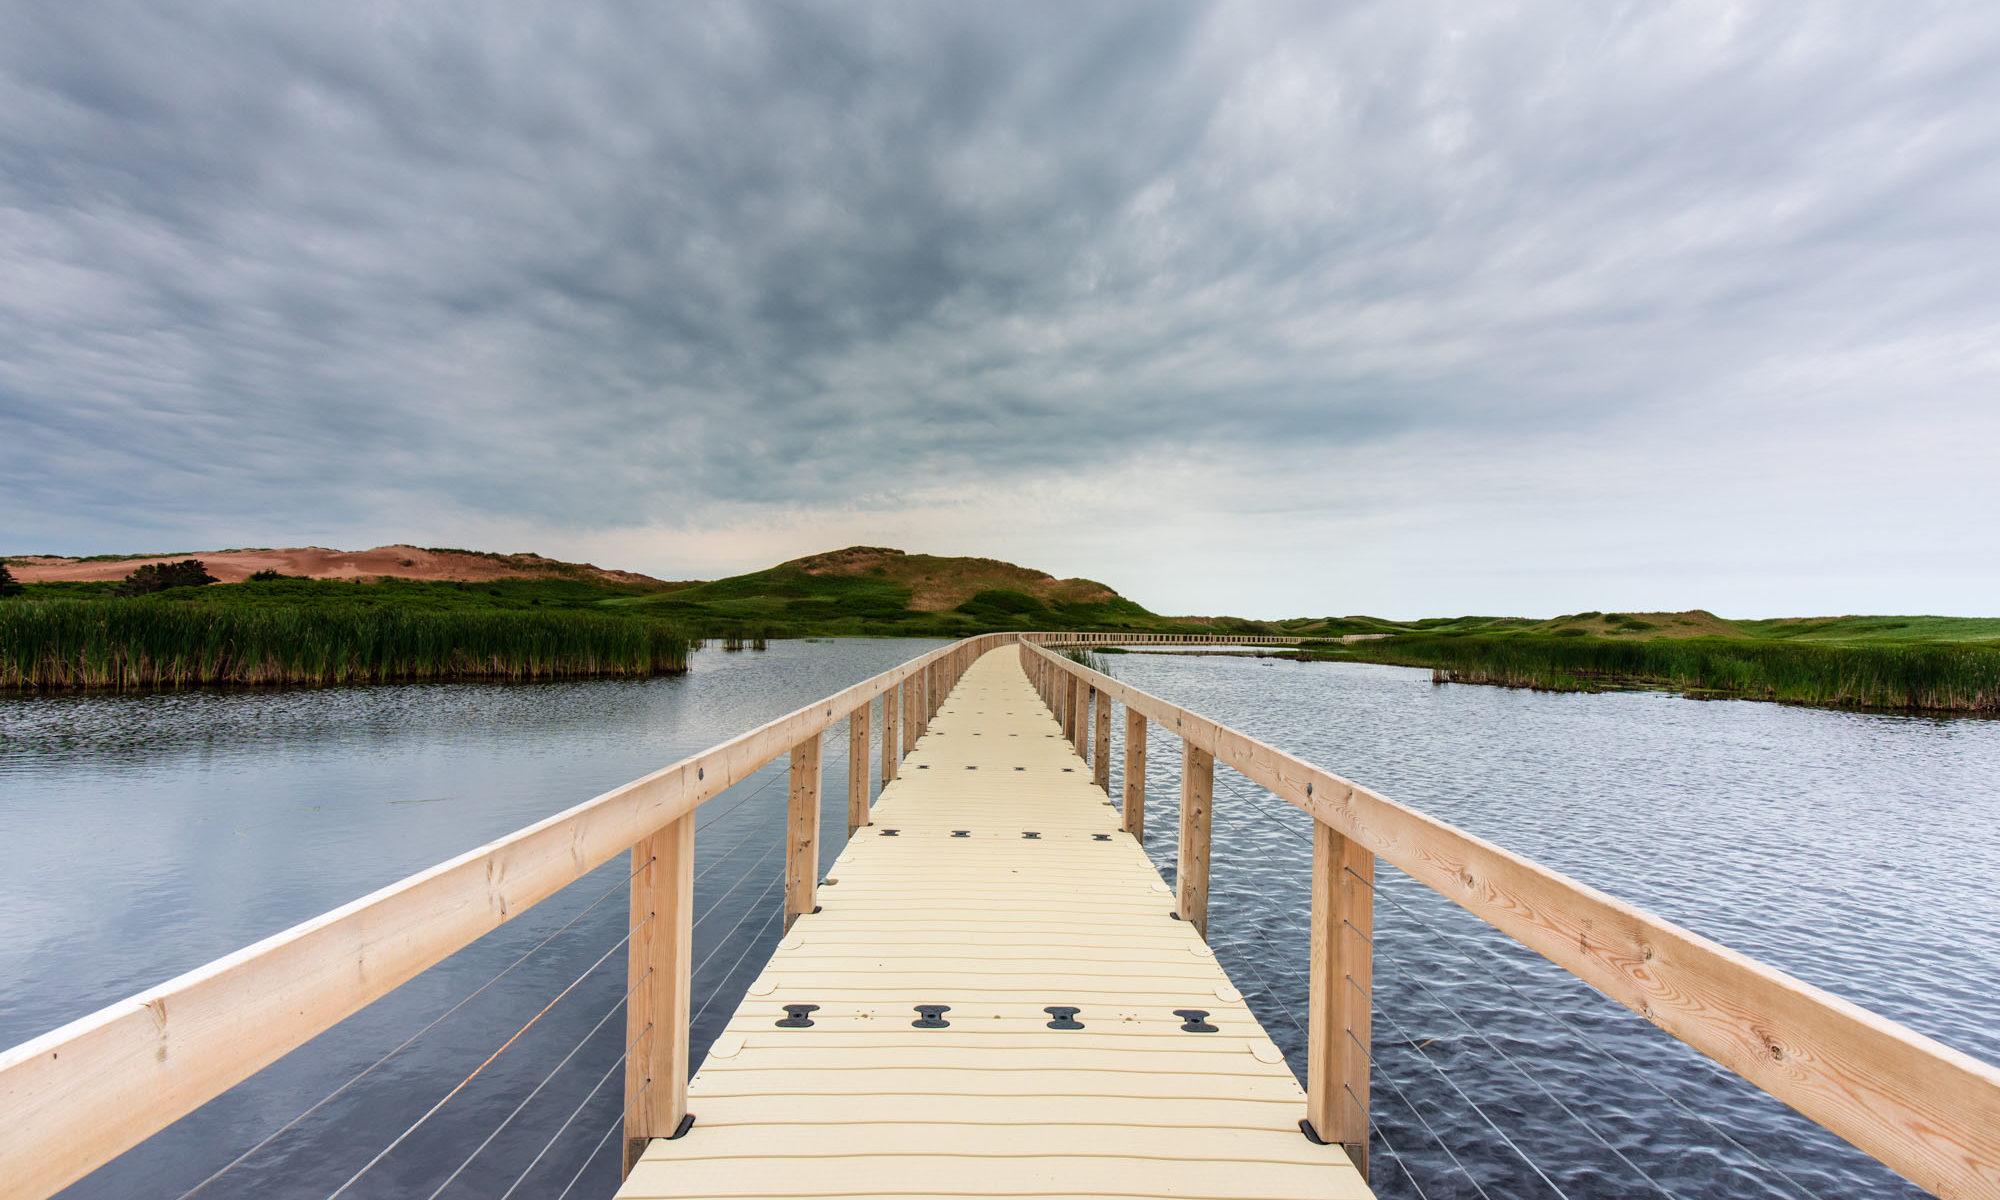 Foto des Boardwalks übers Wasser im PEI Nationalpark.